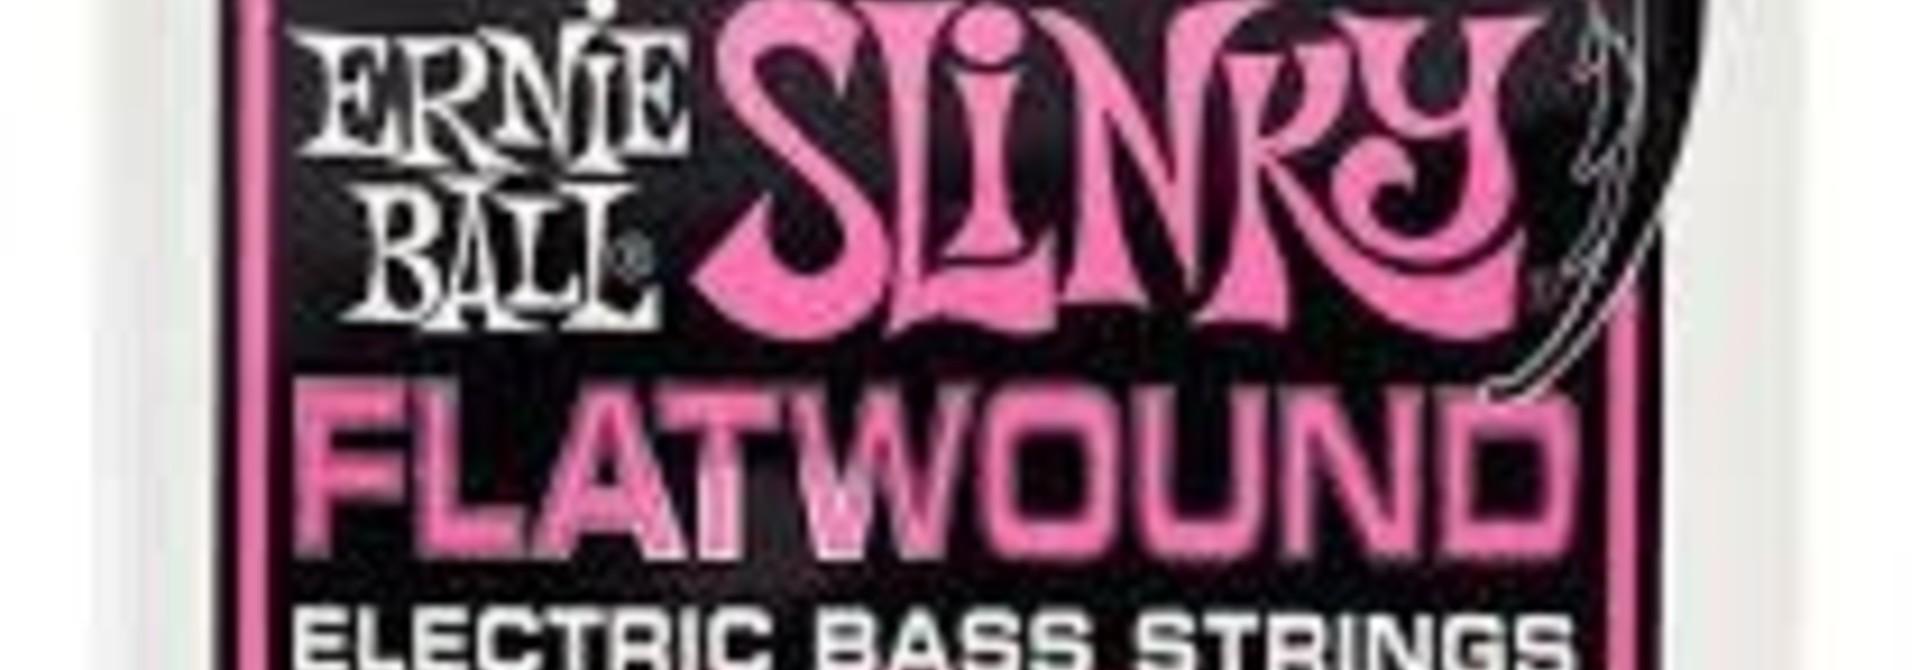 Ernie Ball Flatwound Cobalt Super Slinky Bass Strings (45-100) 2814